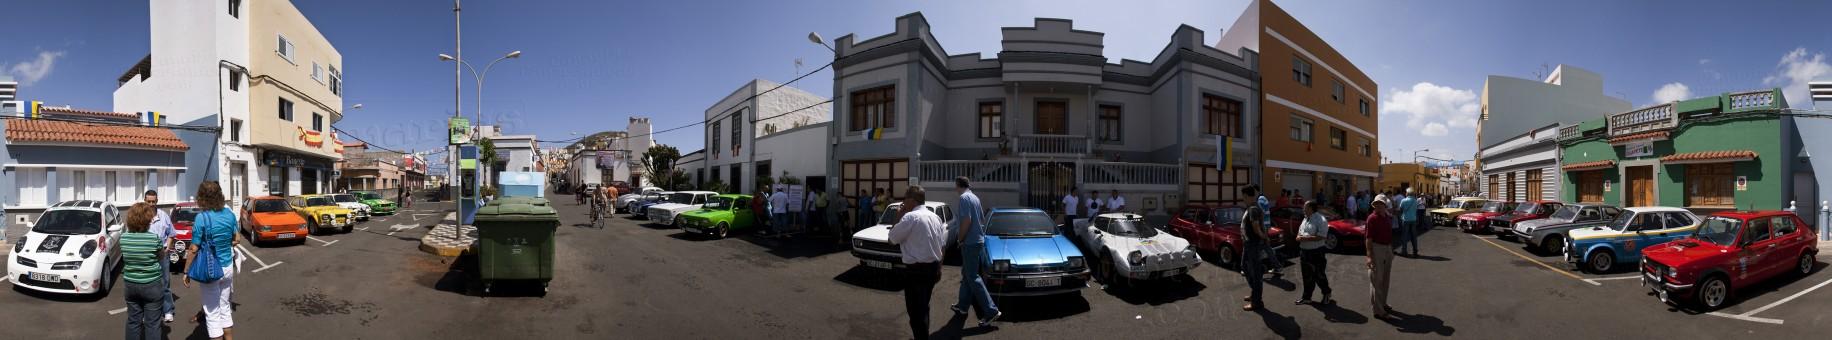 Panoye :: Exposición de coches clásicos en Cardones, Arucas. Isla ...